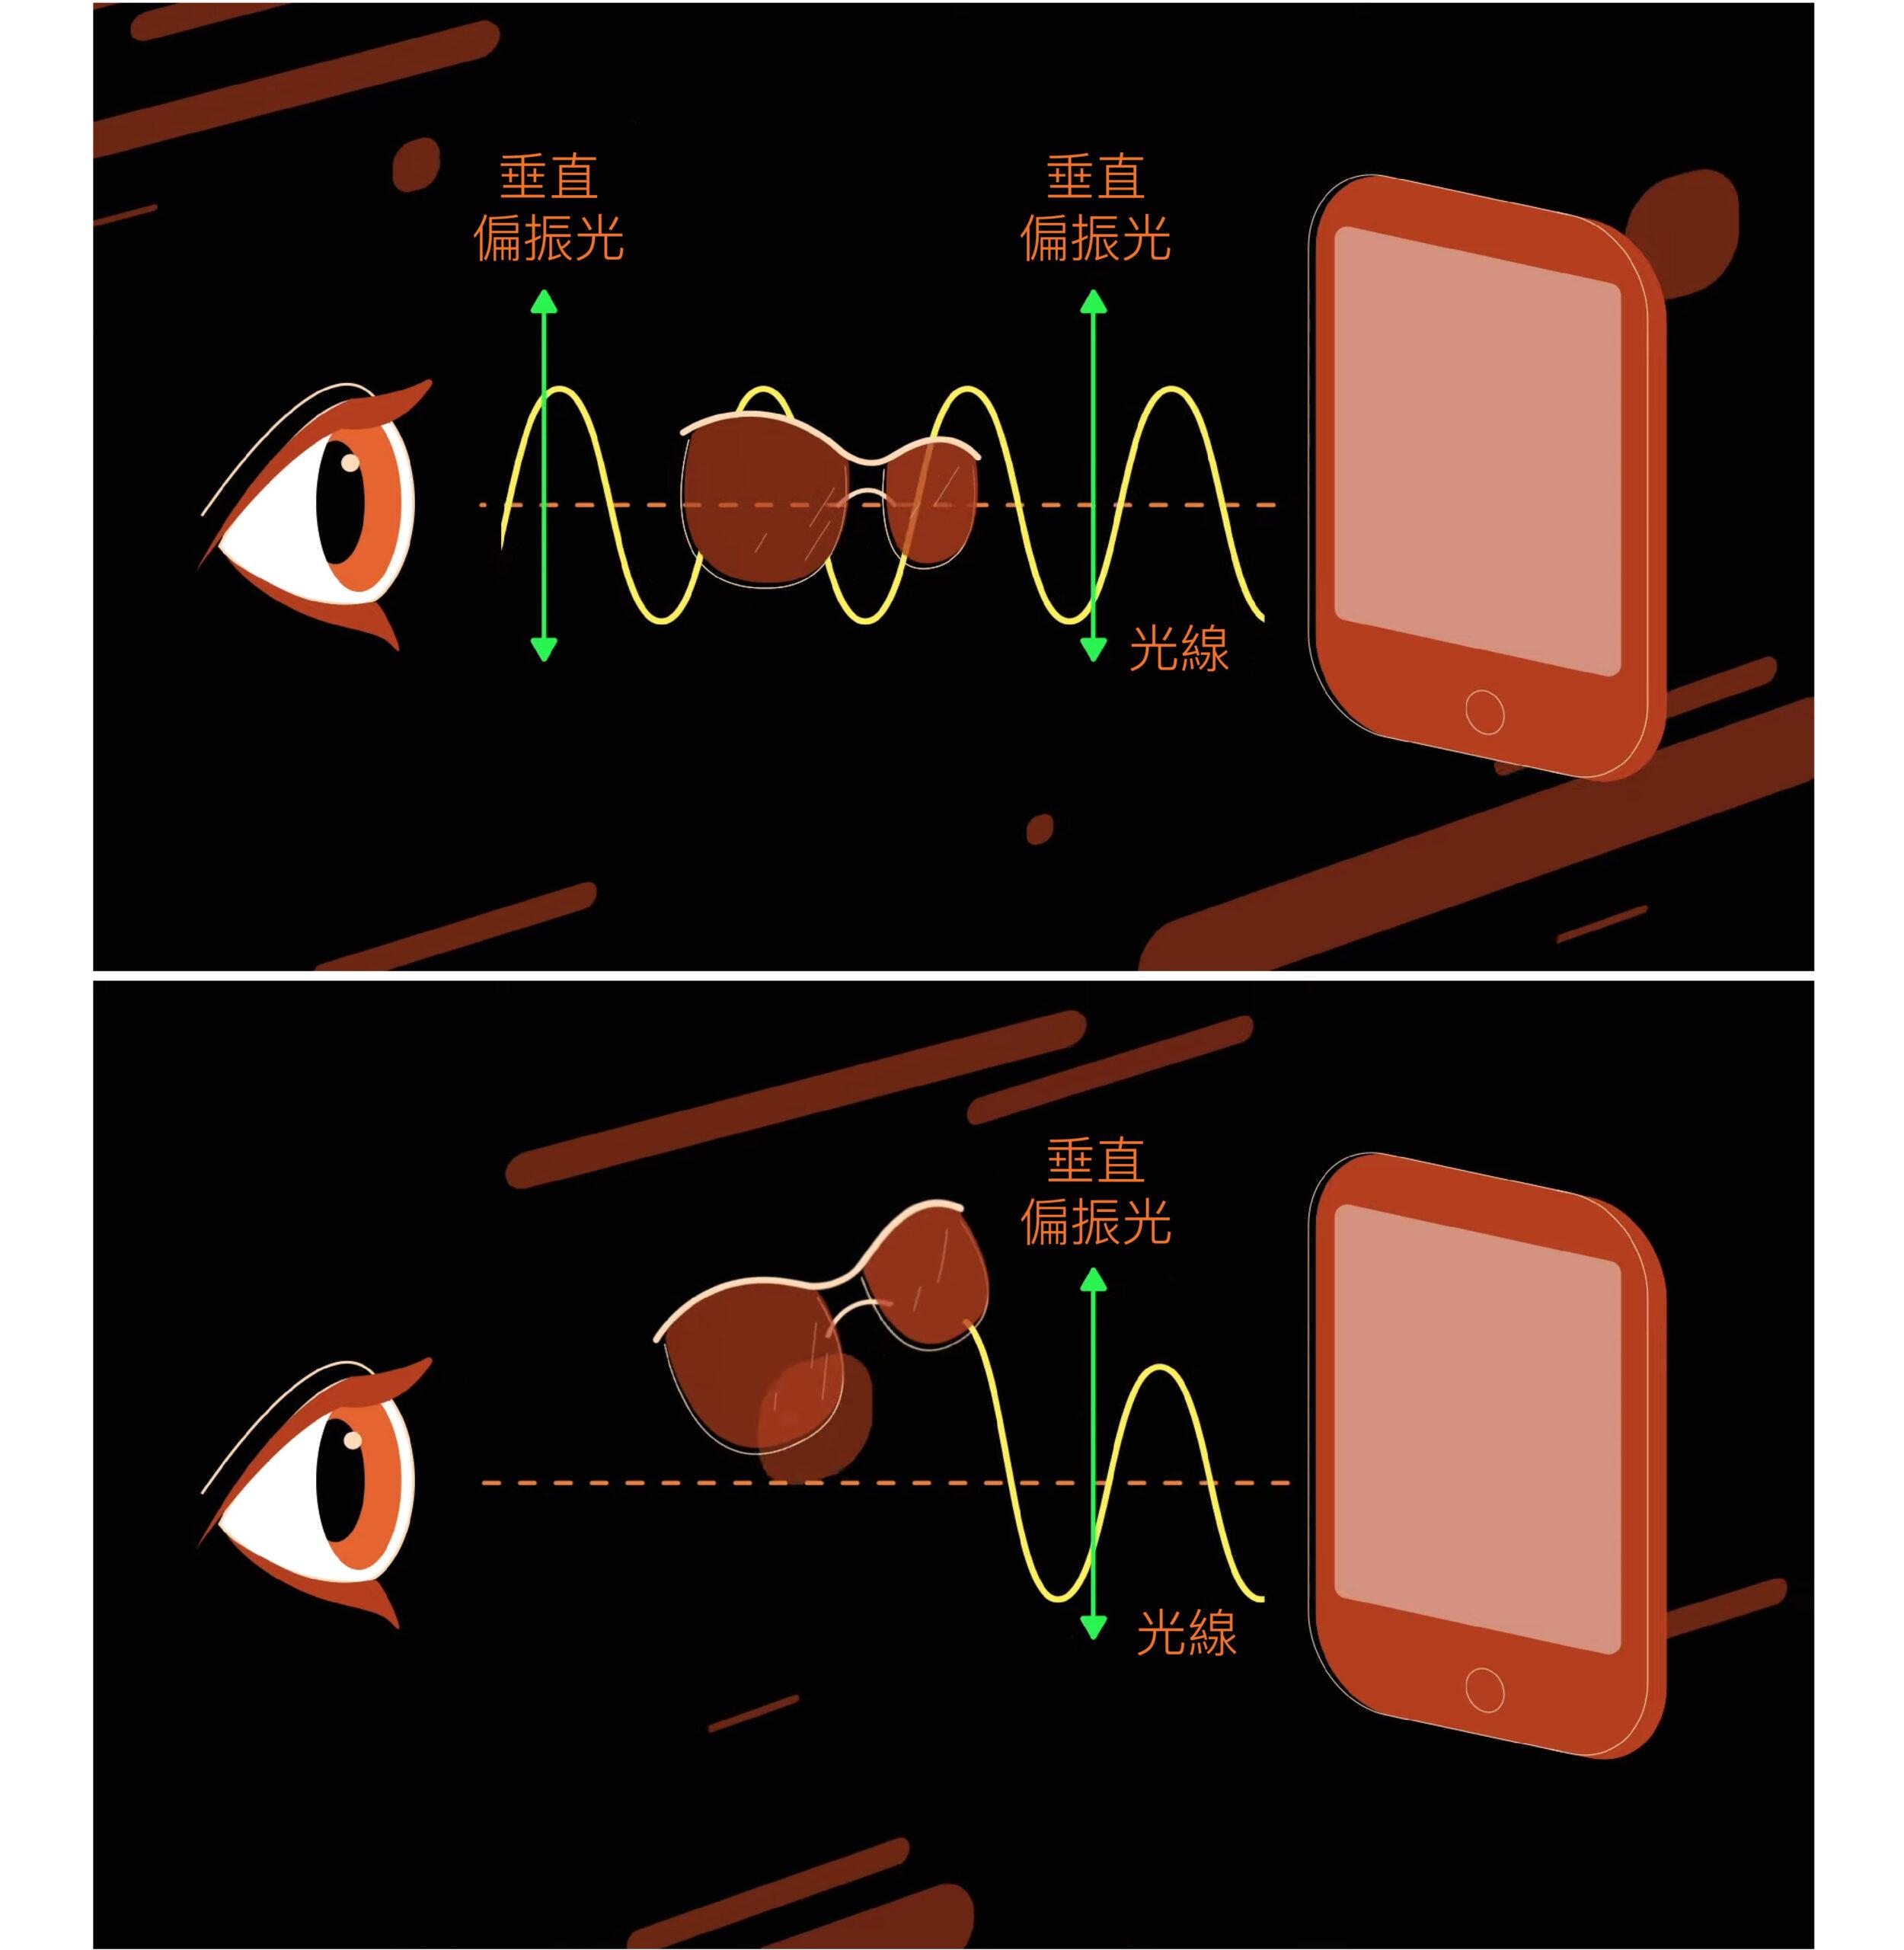 光是一種電磁波,如果光有特定的振盪方向,就稱為「偏振光」。手機發出的光線一般為偏振光,如果透過偏光太陽眼鏡觀看,只能在某個特定角度才能讓光通過,其他角度則不透光。圖│EHT Collaboration and Fiks Film